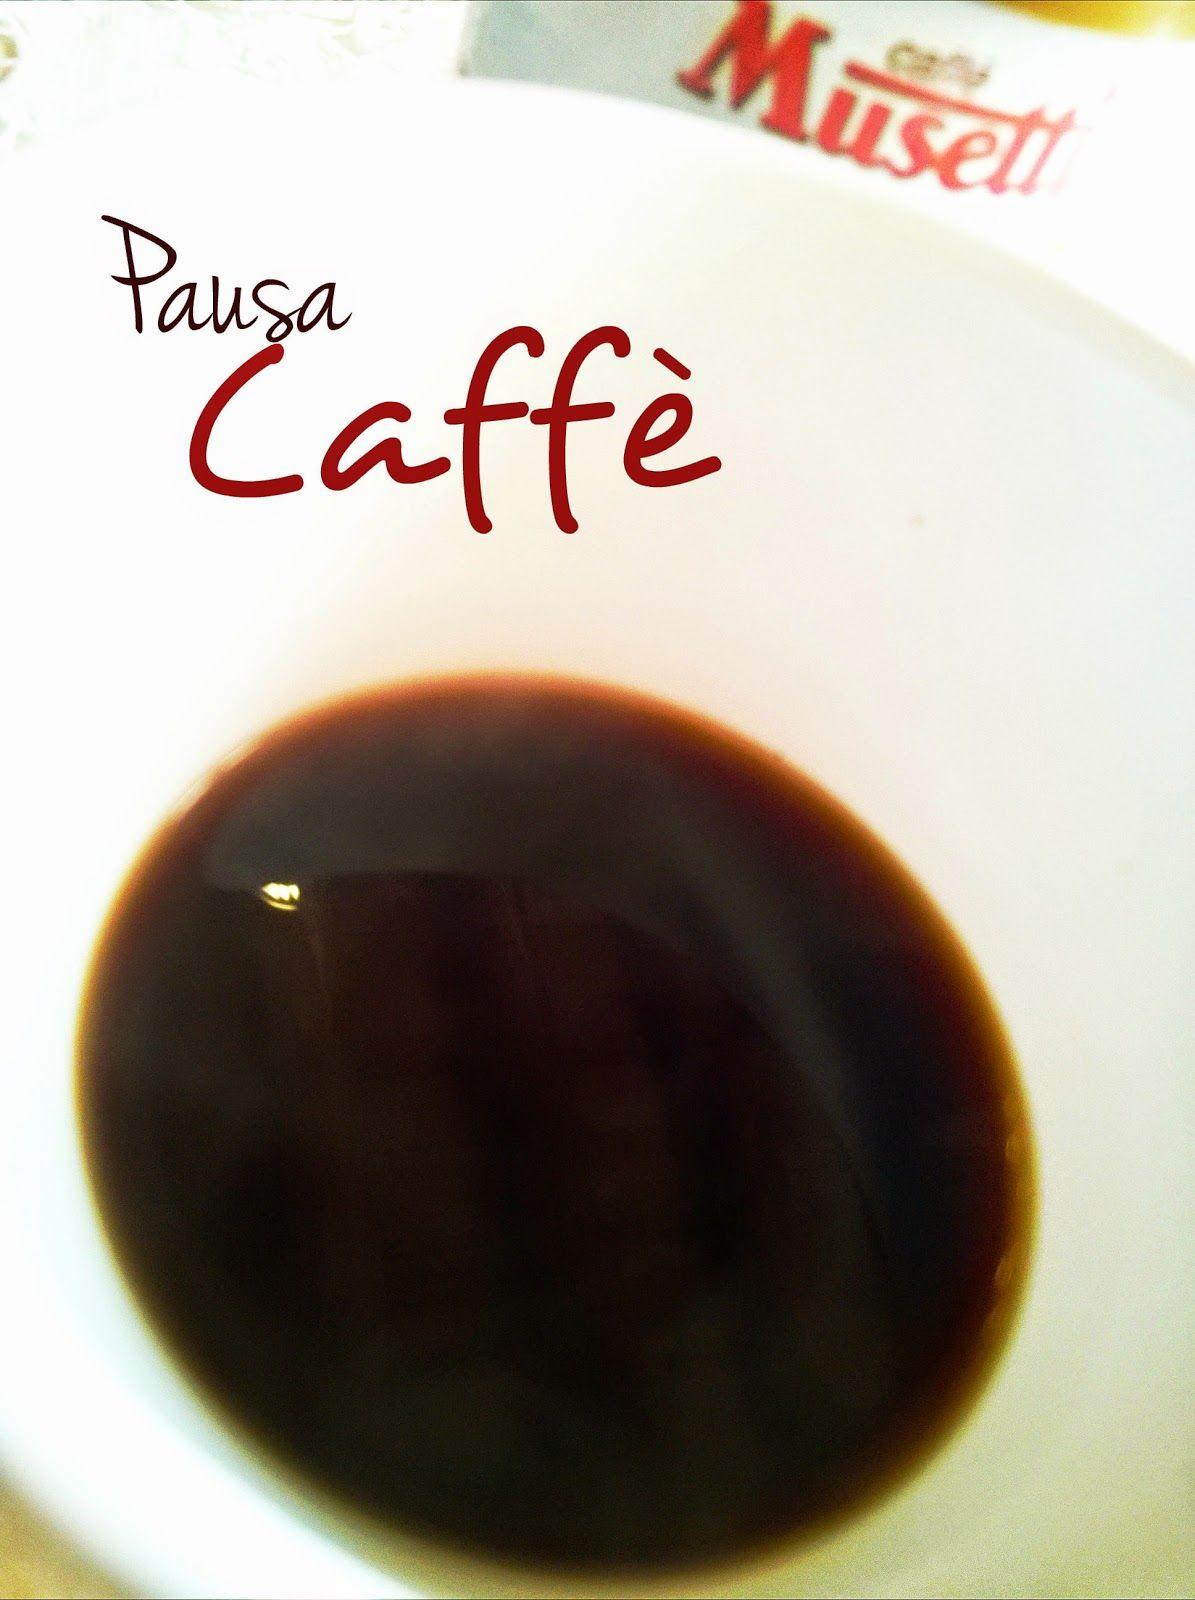 Provo, invento cerco e creo  il bello della Vita!!: Qui si parla di Caffè Musetti..... un'Amore di Caffè, vieni a scoprirlo, nel blog